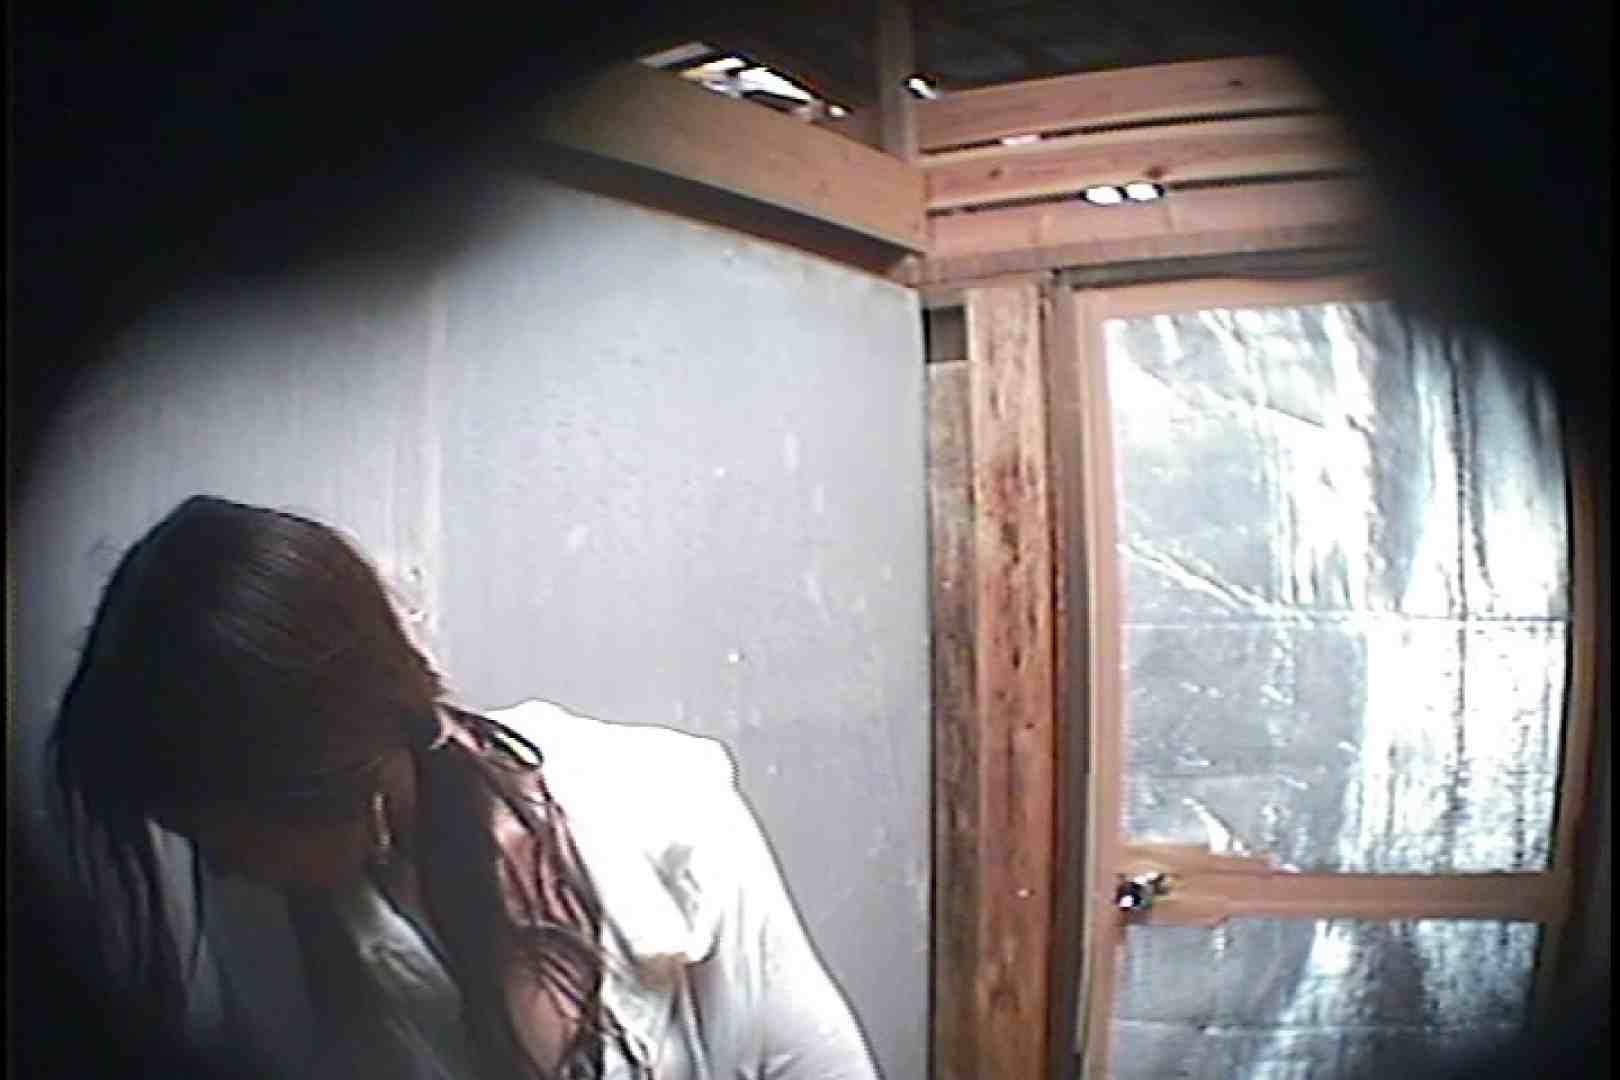 海の家の更衣室 Vol.45 シャワー中 | 美女達のヌード  64連発